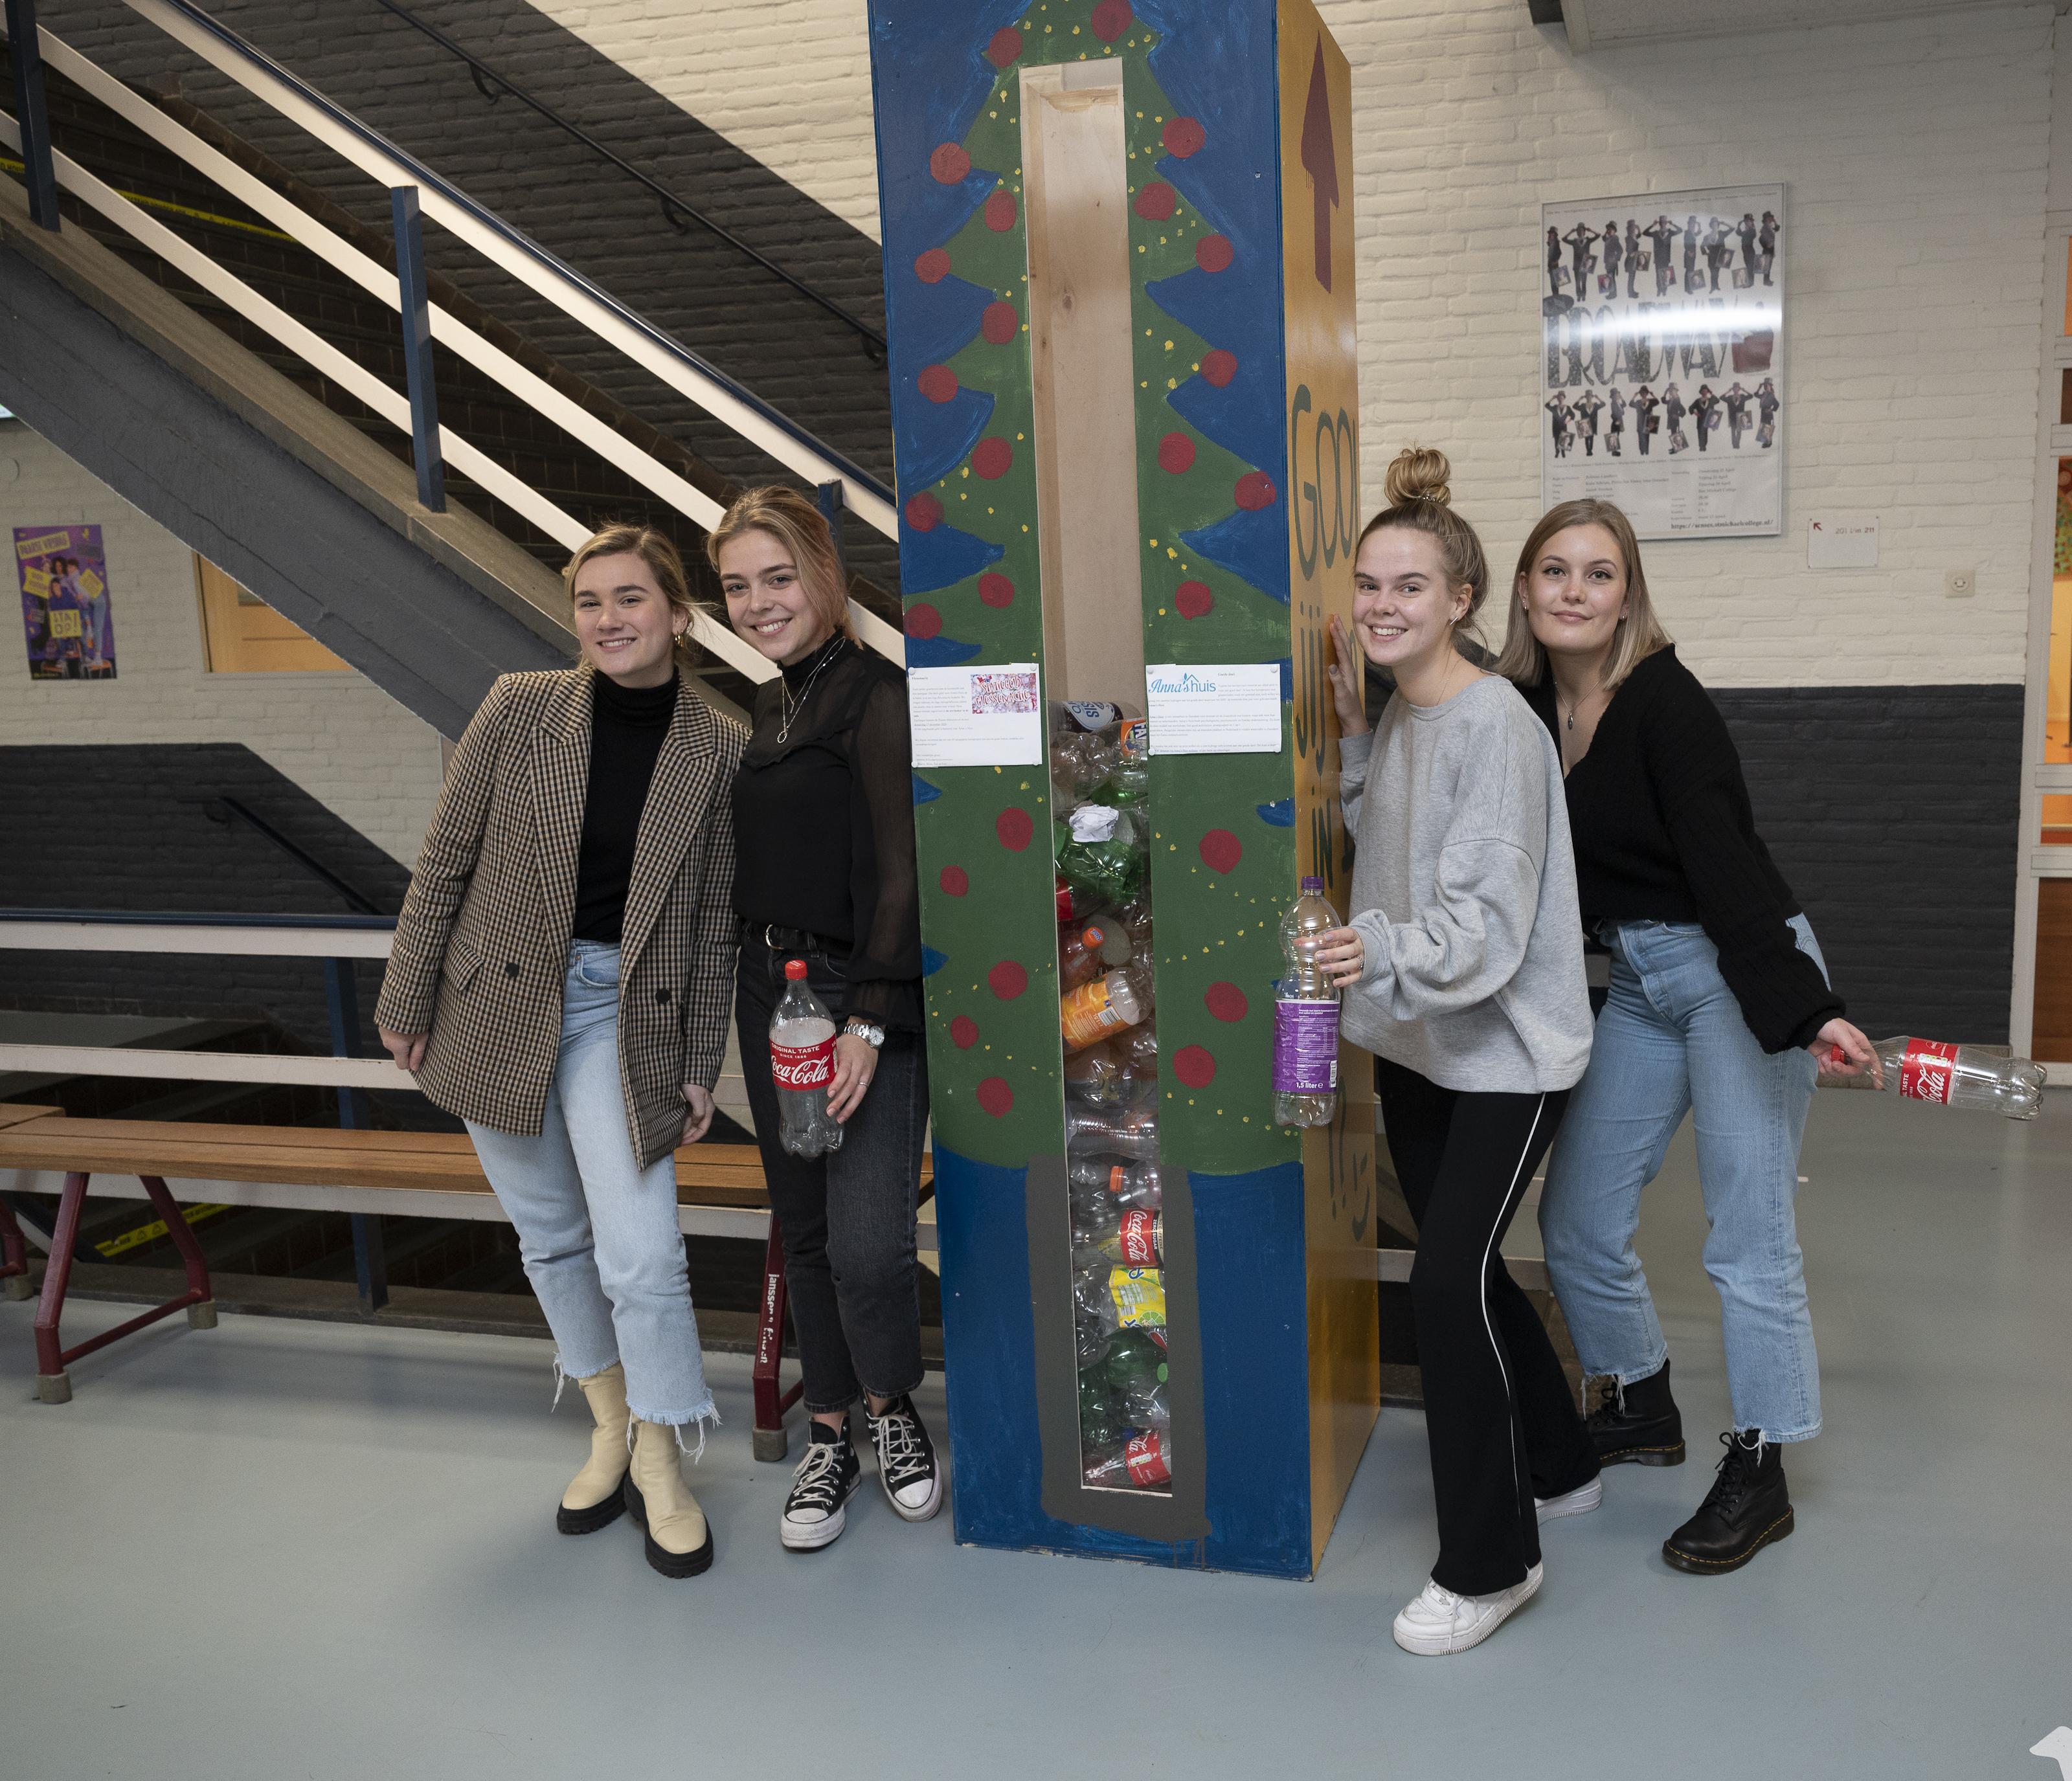 'We hopen dat elke leerling een statiegeldfles meeneemt'; Zaans St. Michaël College adopteert voor drie jaar Anna's Huis en houdt flesseninzameling